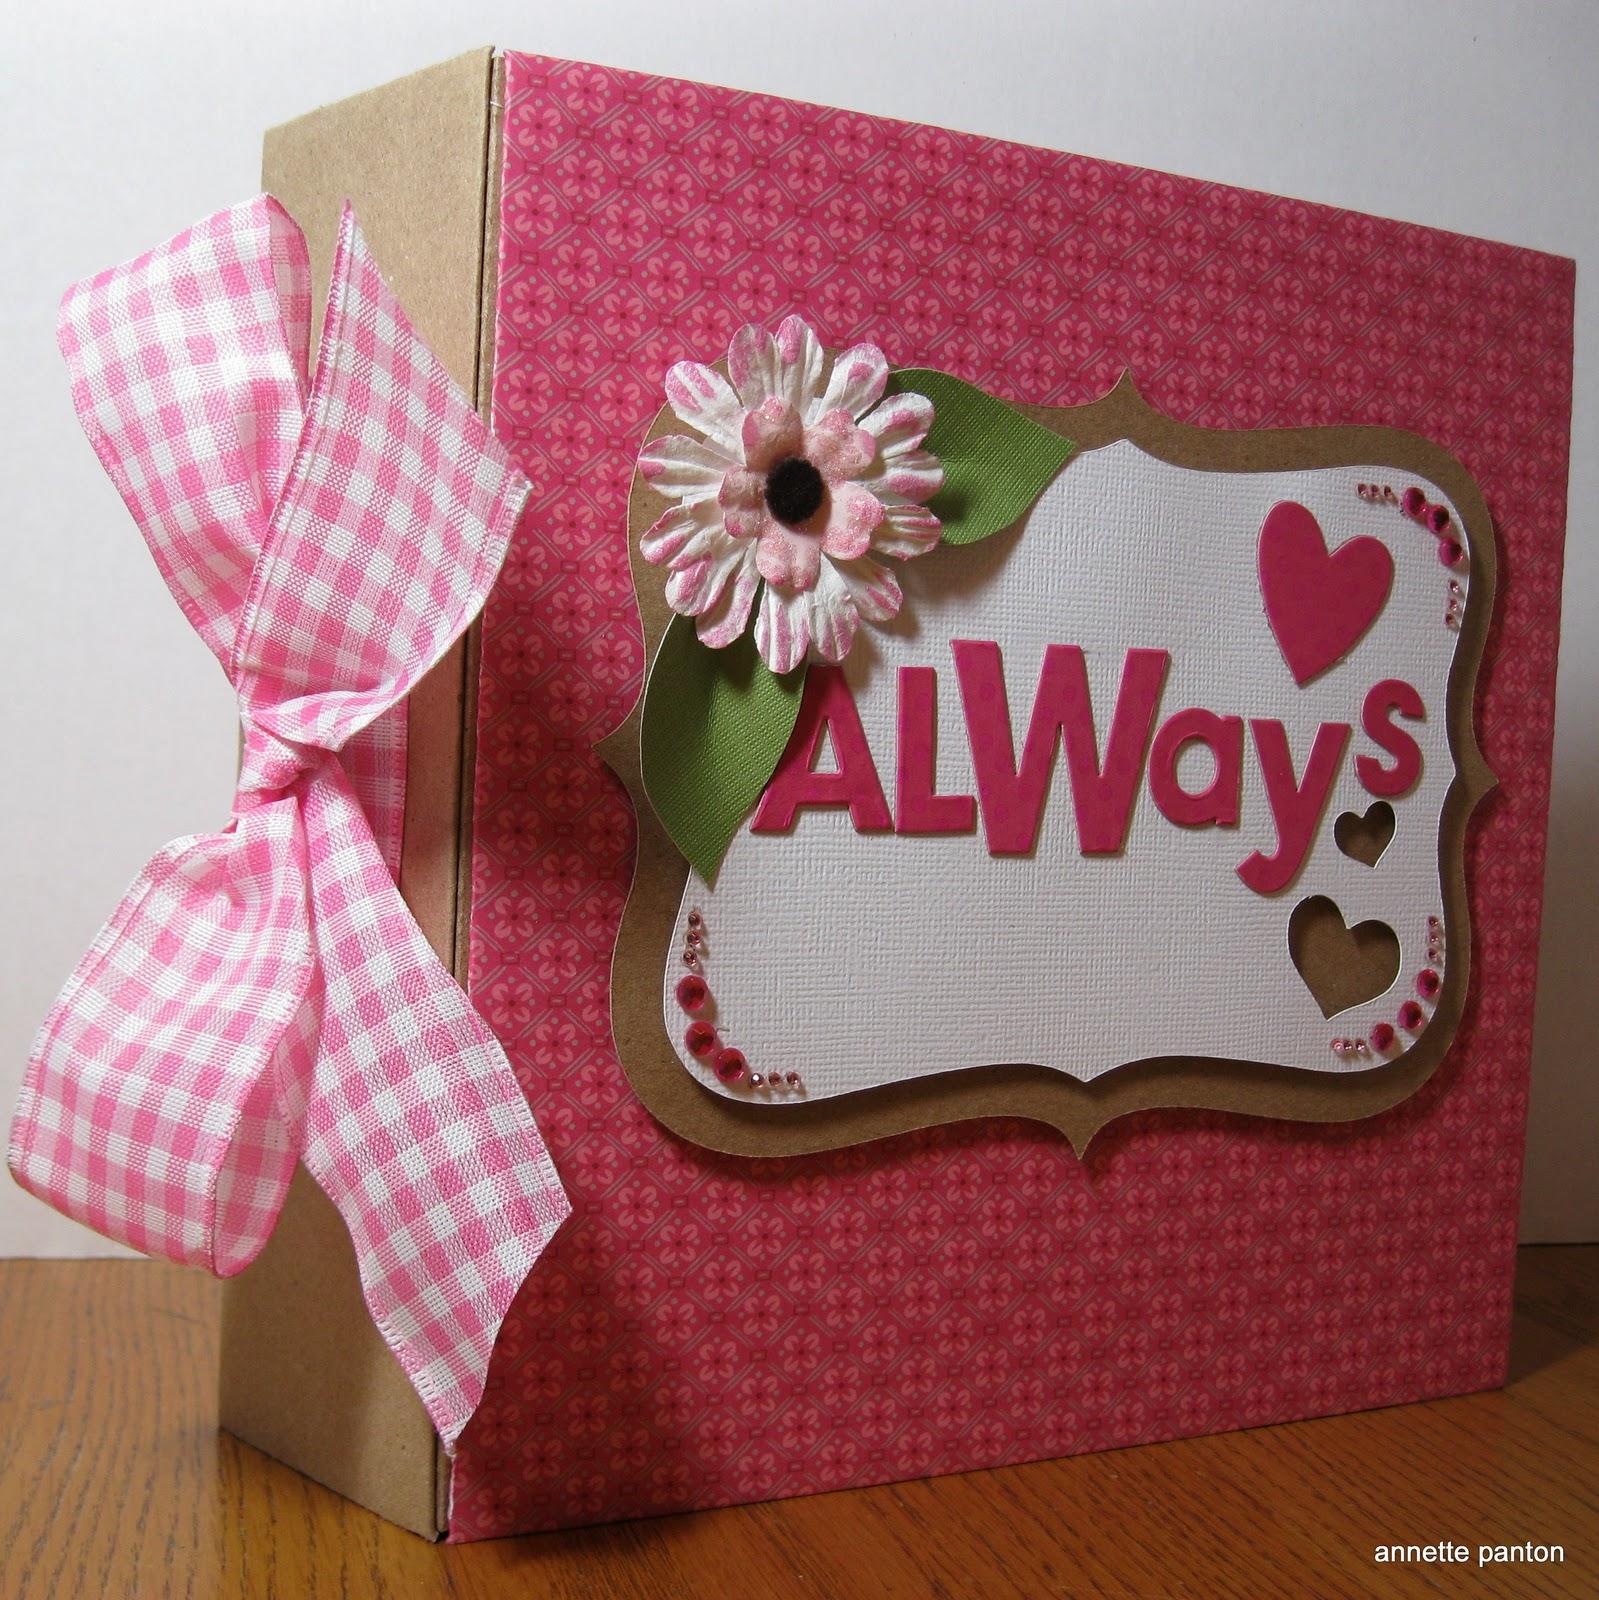 http://2.bp.blogspot.com/_3cWQN9J_PvA/TTTqMw1Tn2I/AAAAAAAABmY/p8ws2ya5_yM/s1600/IMG_0270-1.JPG